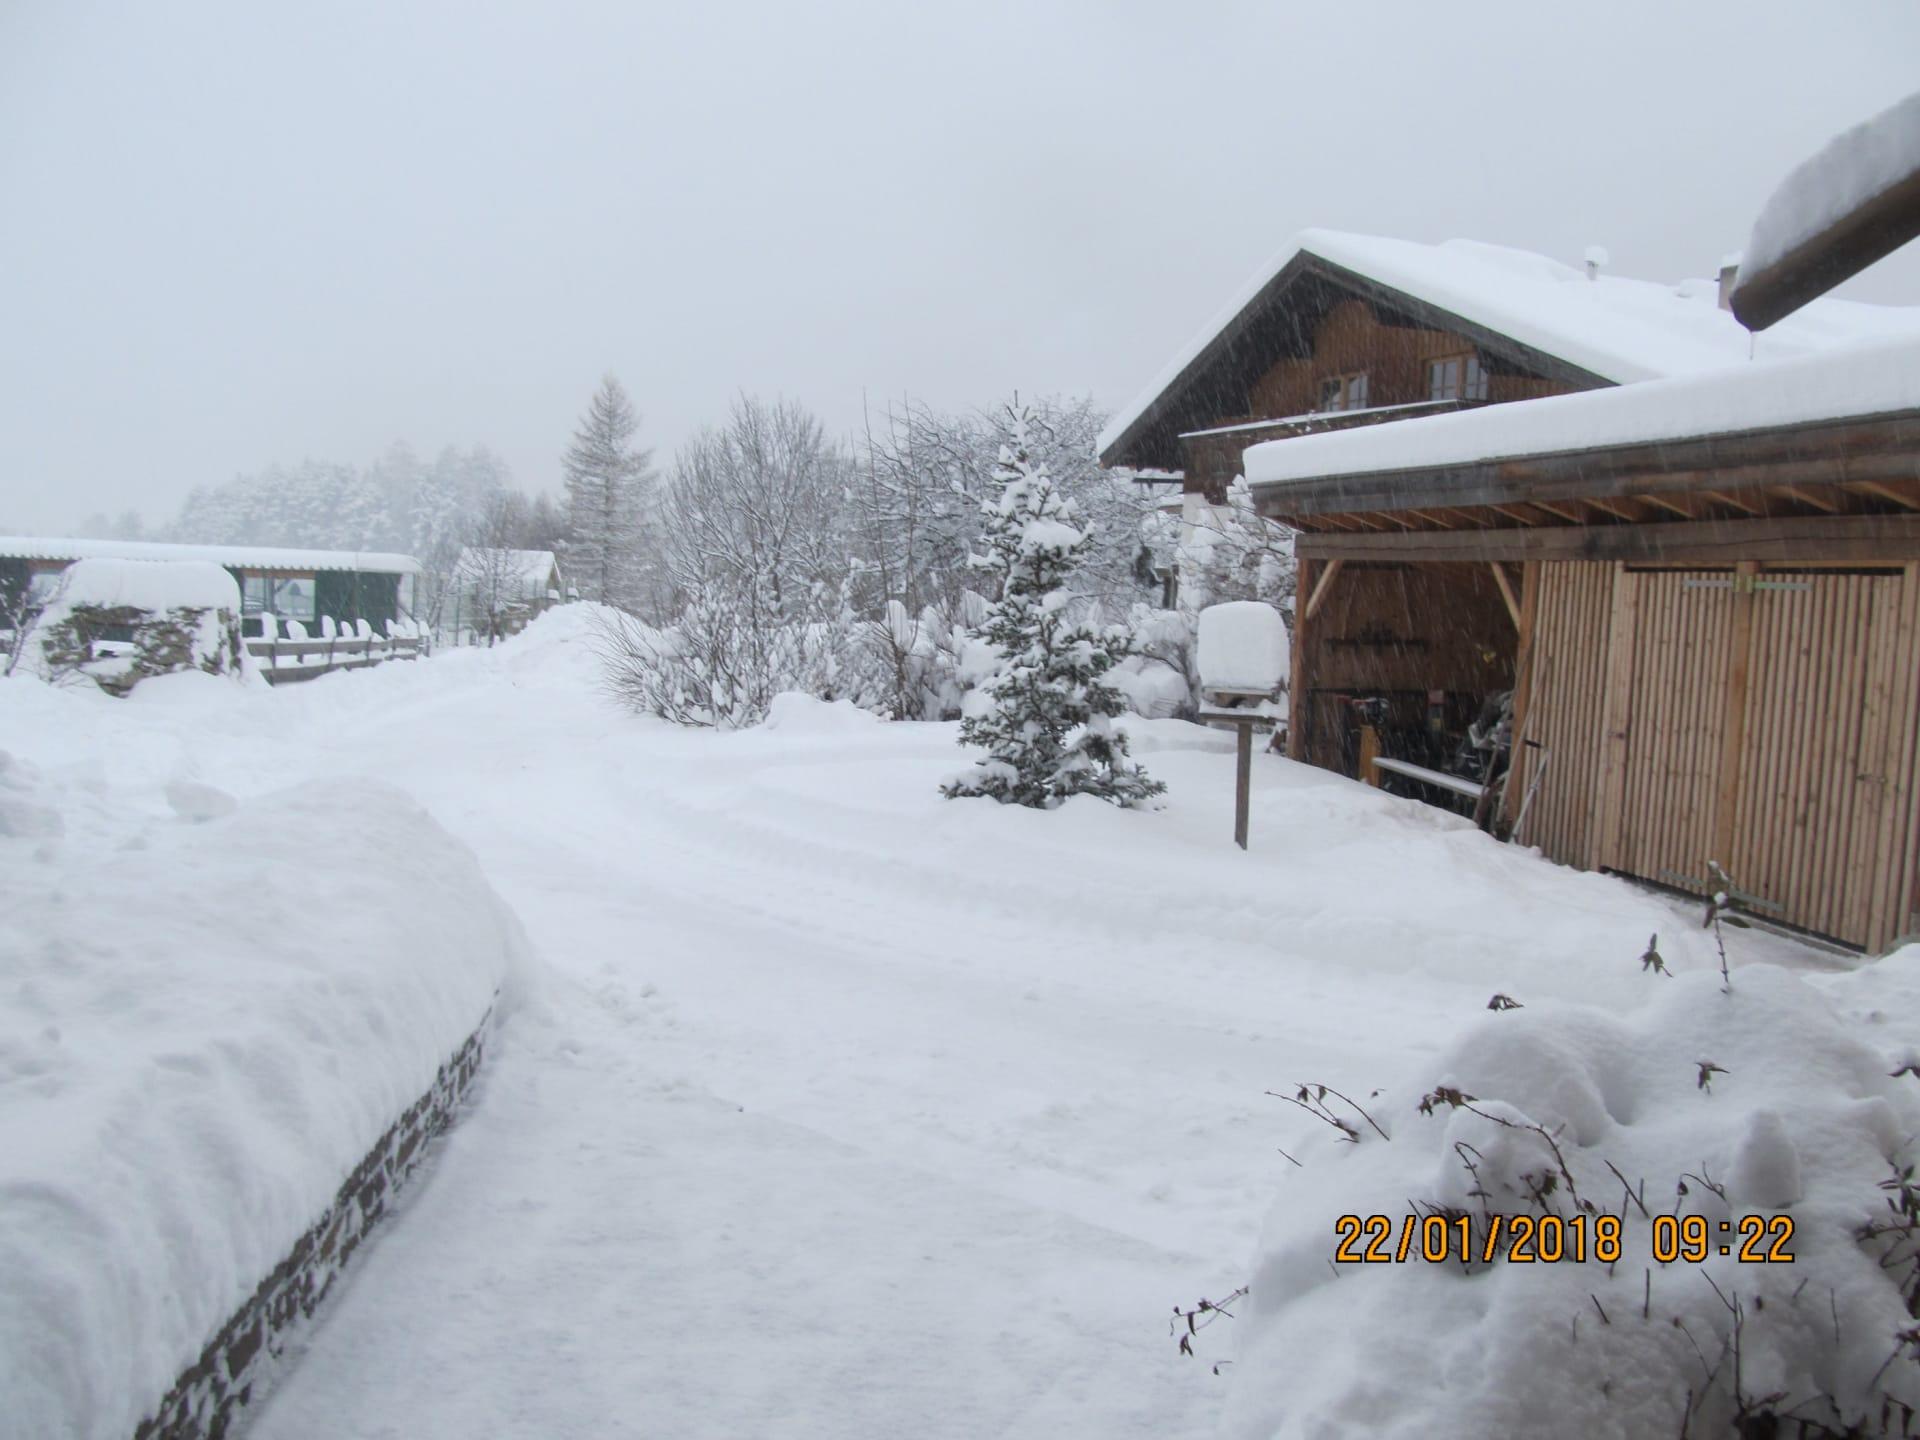 Fürstenhof - Winter